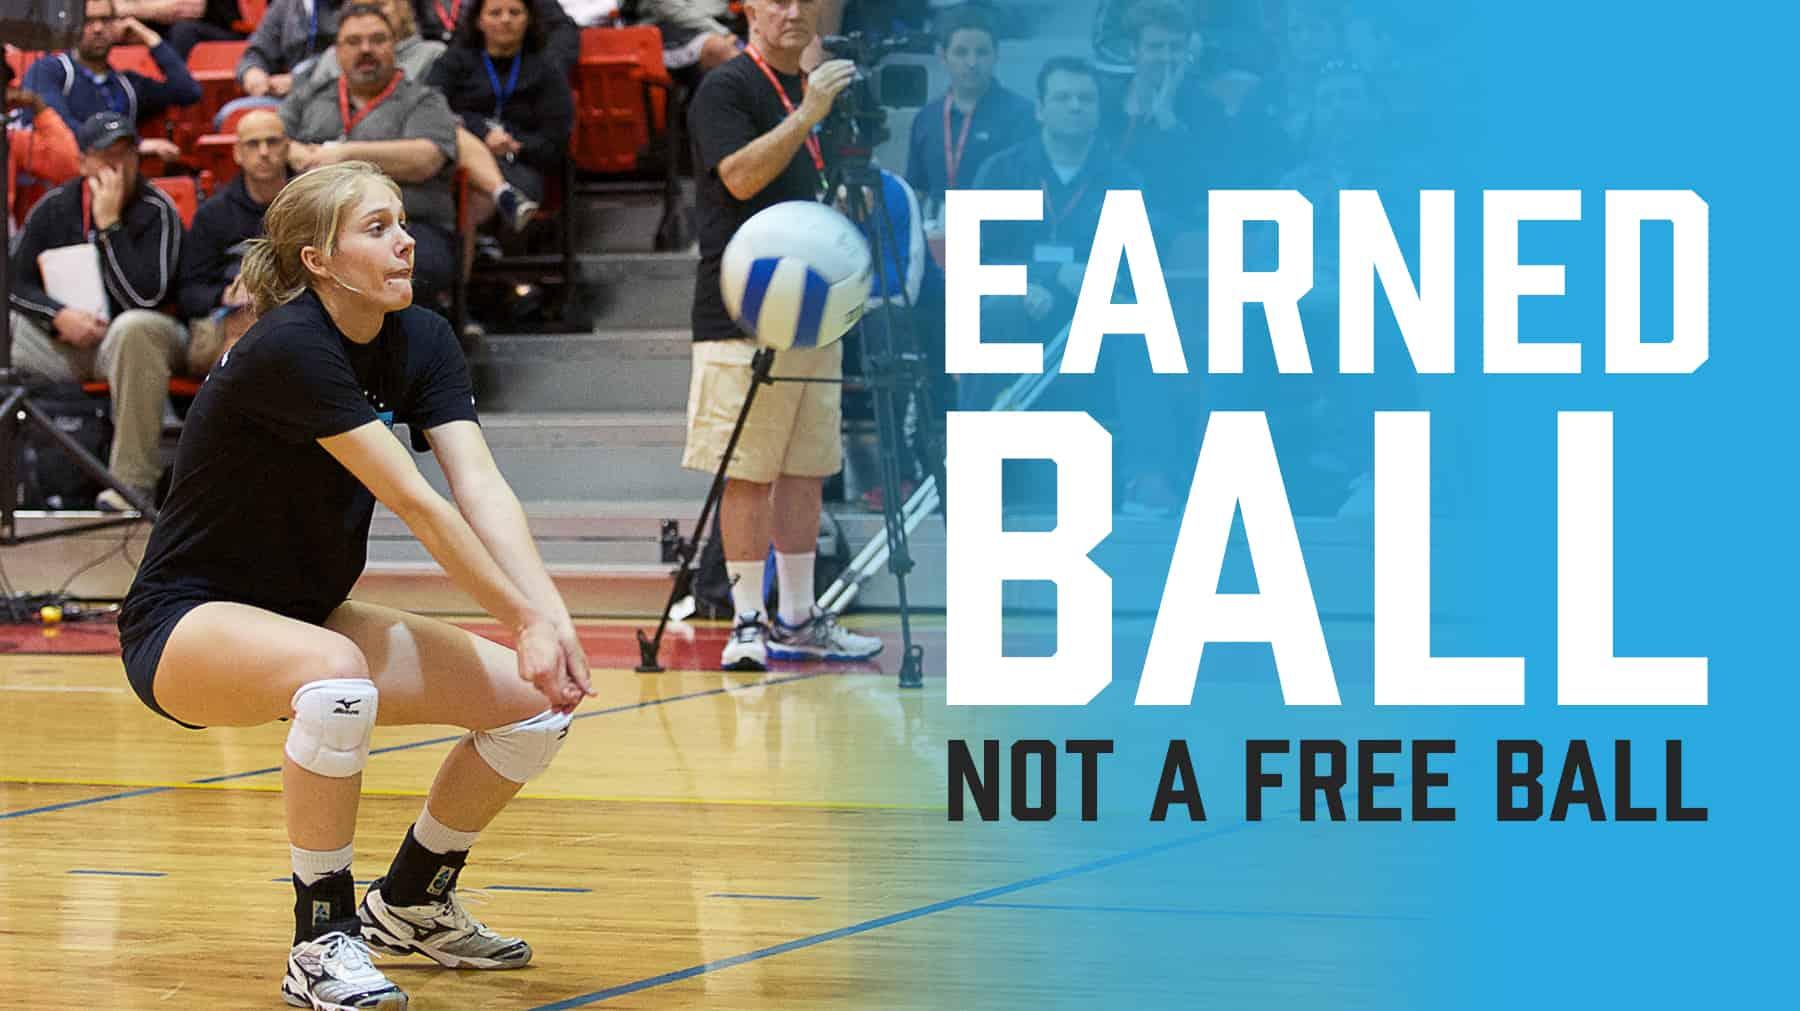 Make It An Earned Ball Not A Free Ball